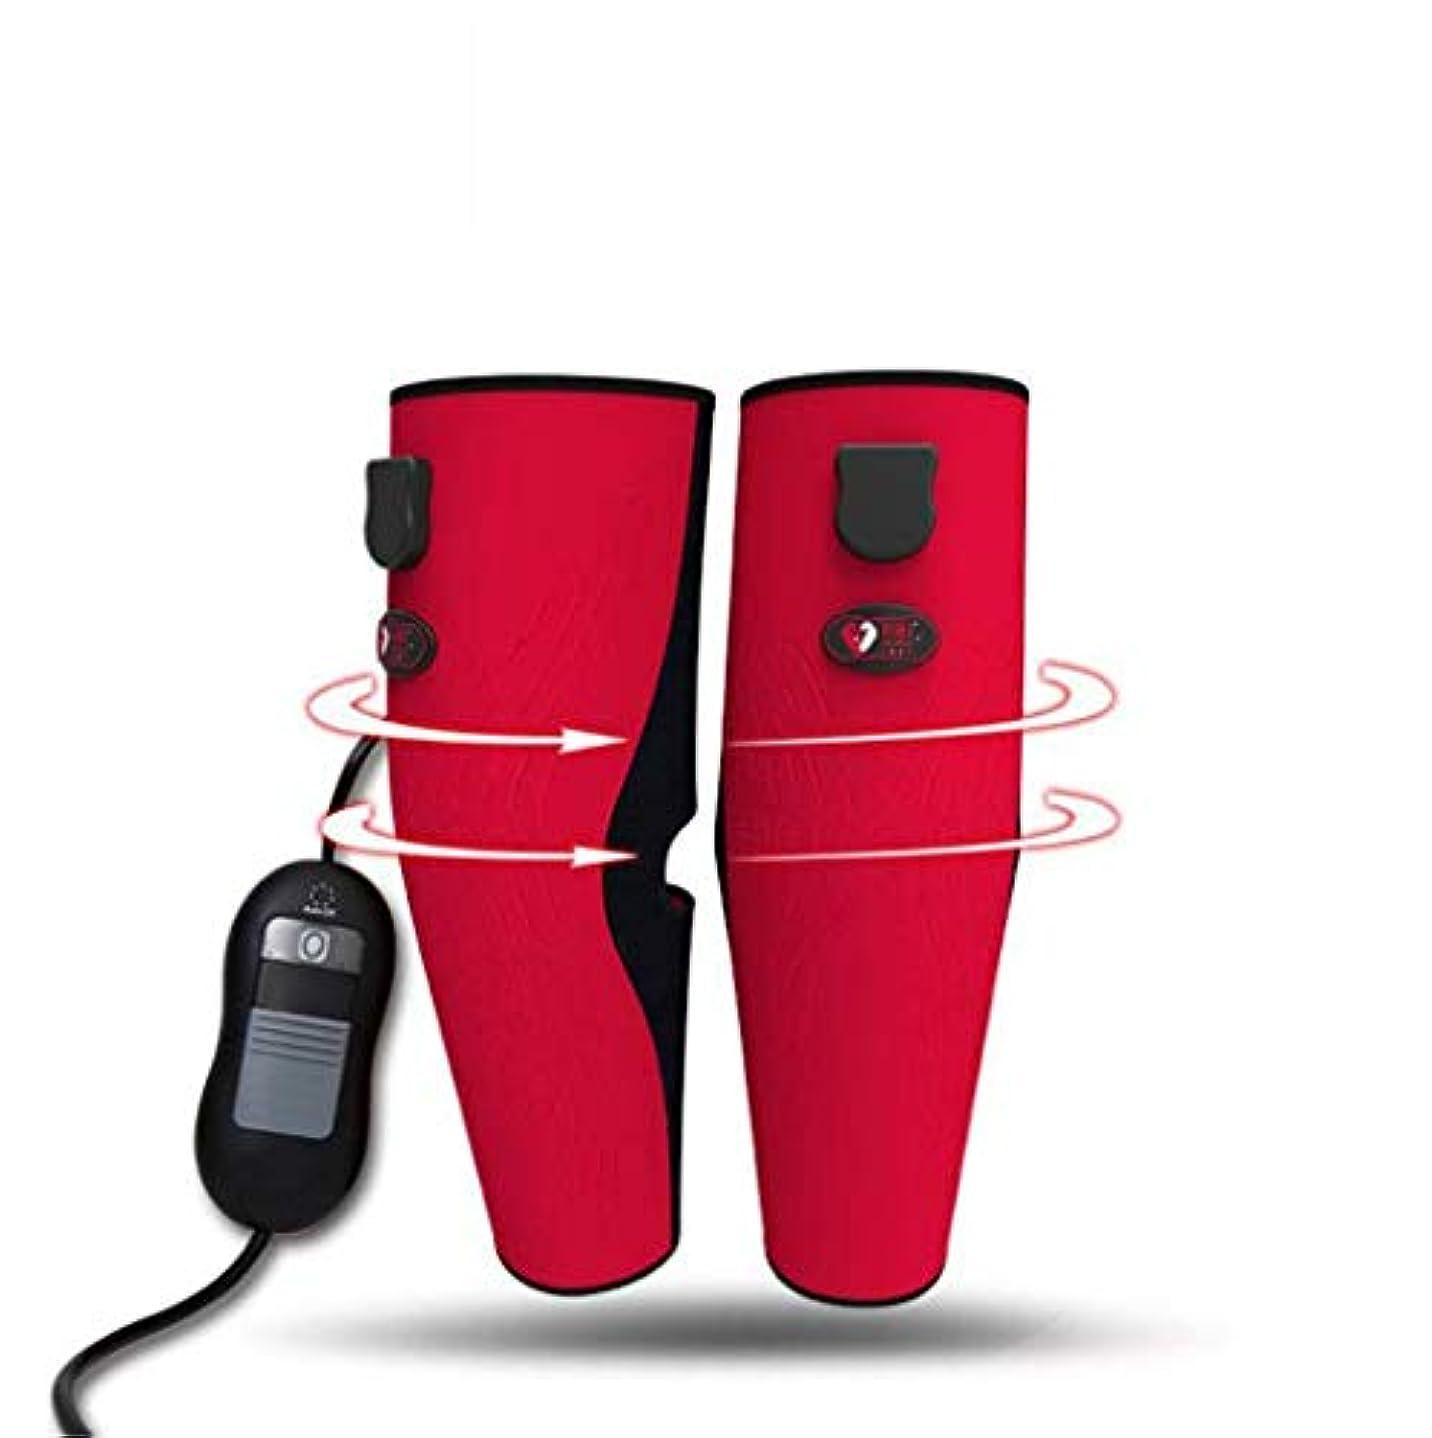 はちみつ入射配偶者温められた足のマッサージャー、膝と足の痛みを和らげる治療装置、3モード温度制御の痛みを和らげる治療装置